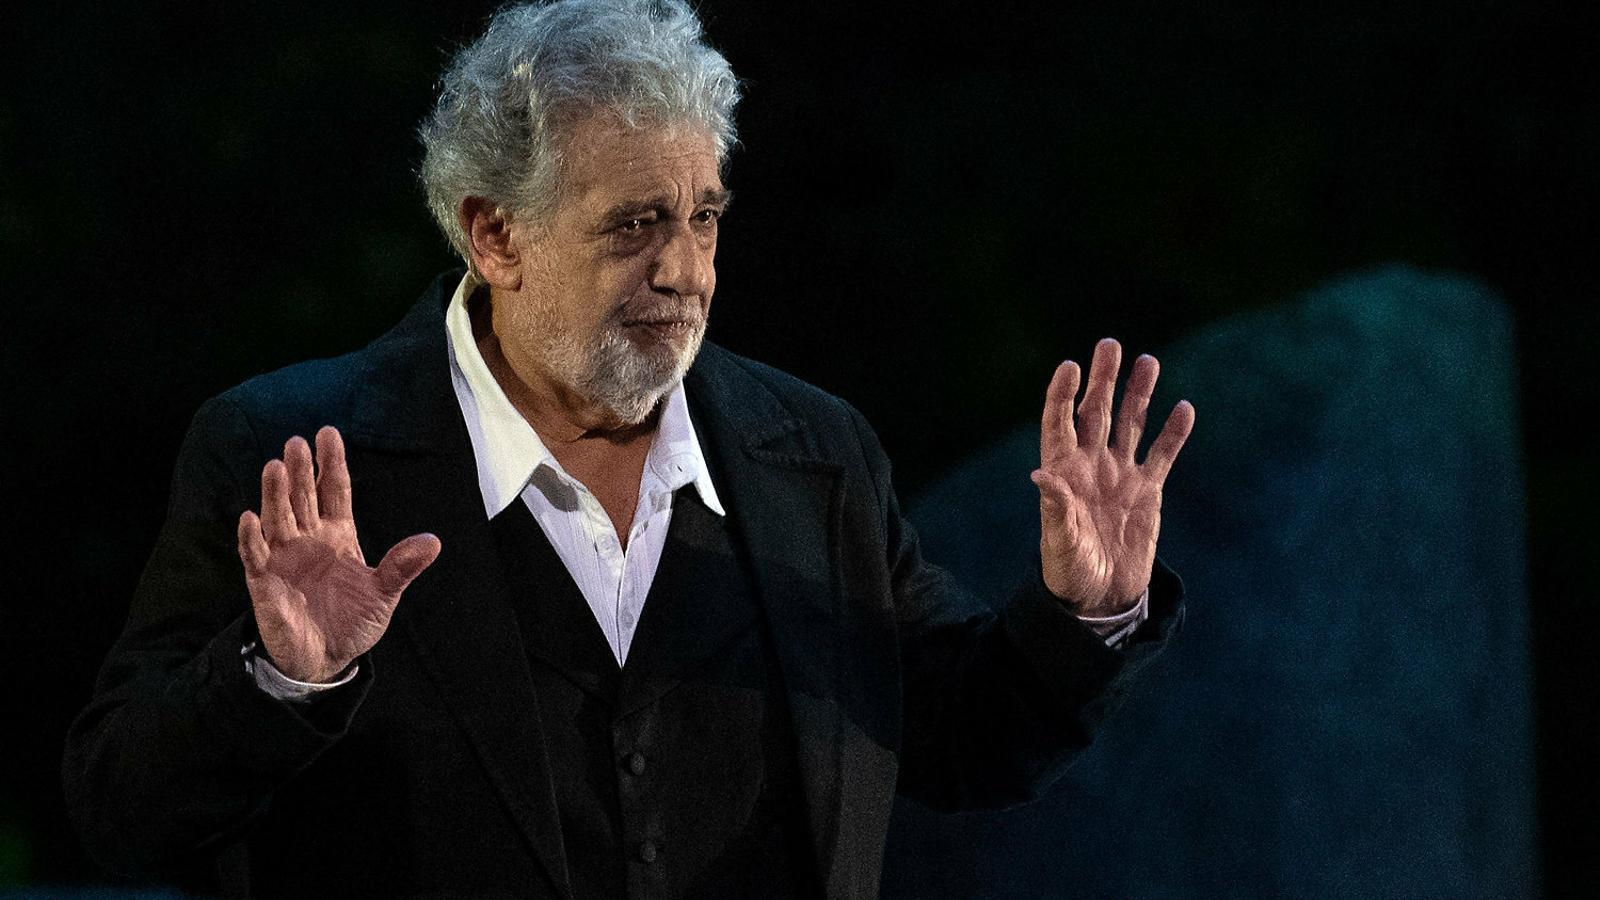 El tenor, amb més de 50 anys de carrera, assegura que les relacions eren consentides.